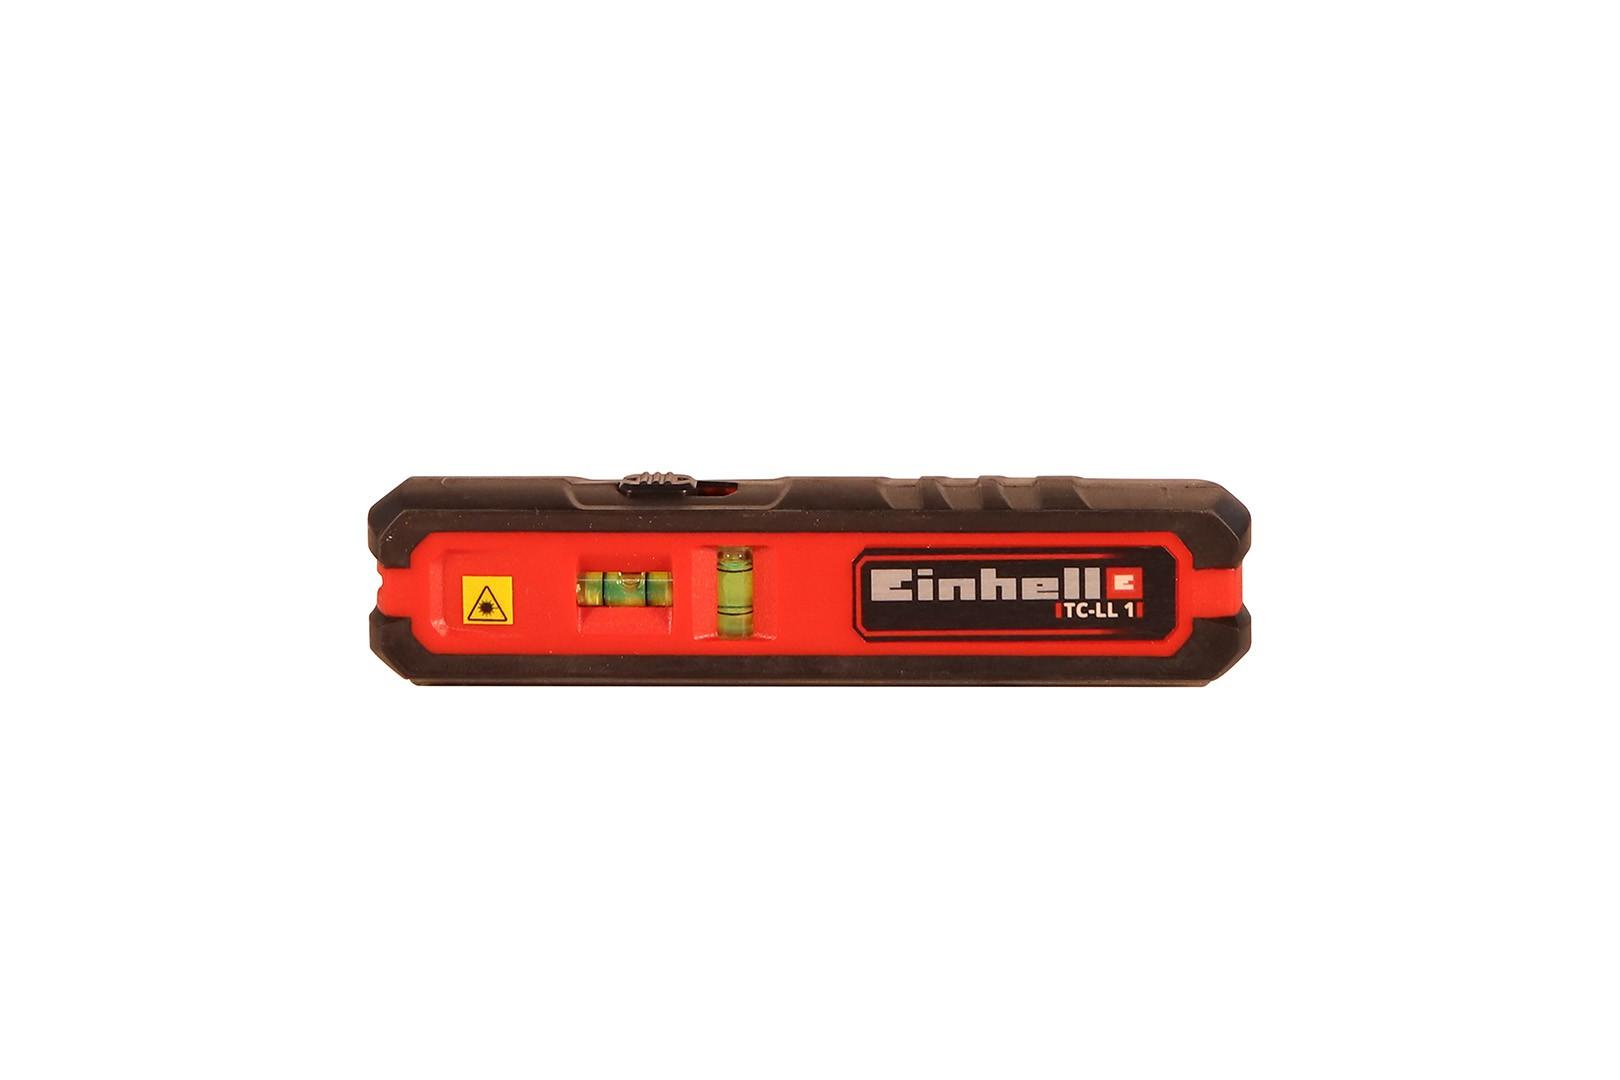 Nível à Laser TC-LL 1 - Einhell